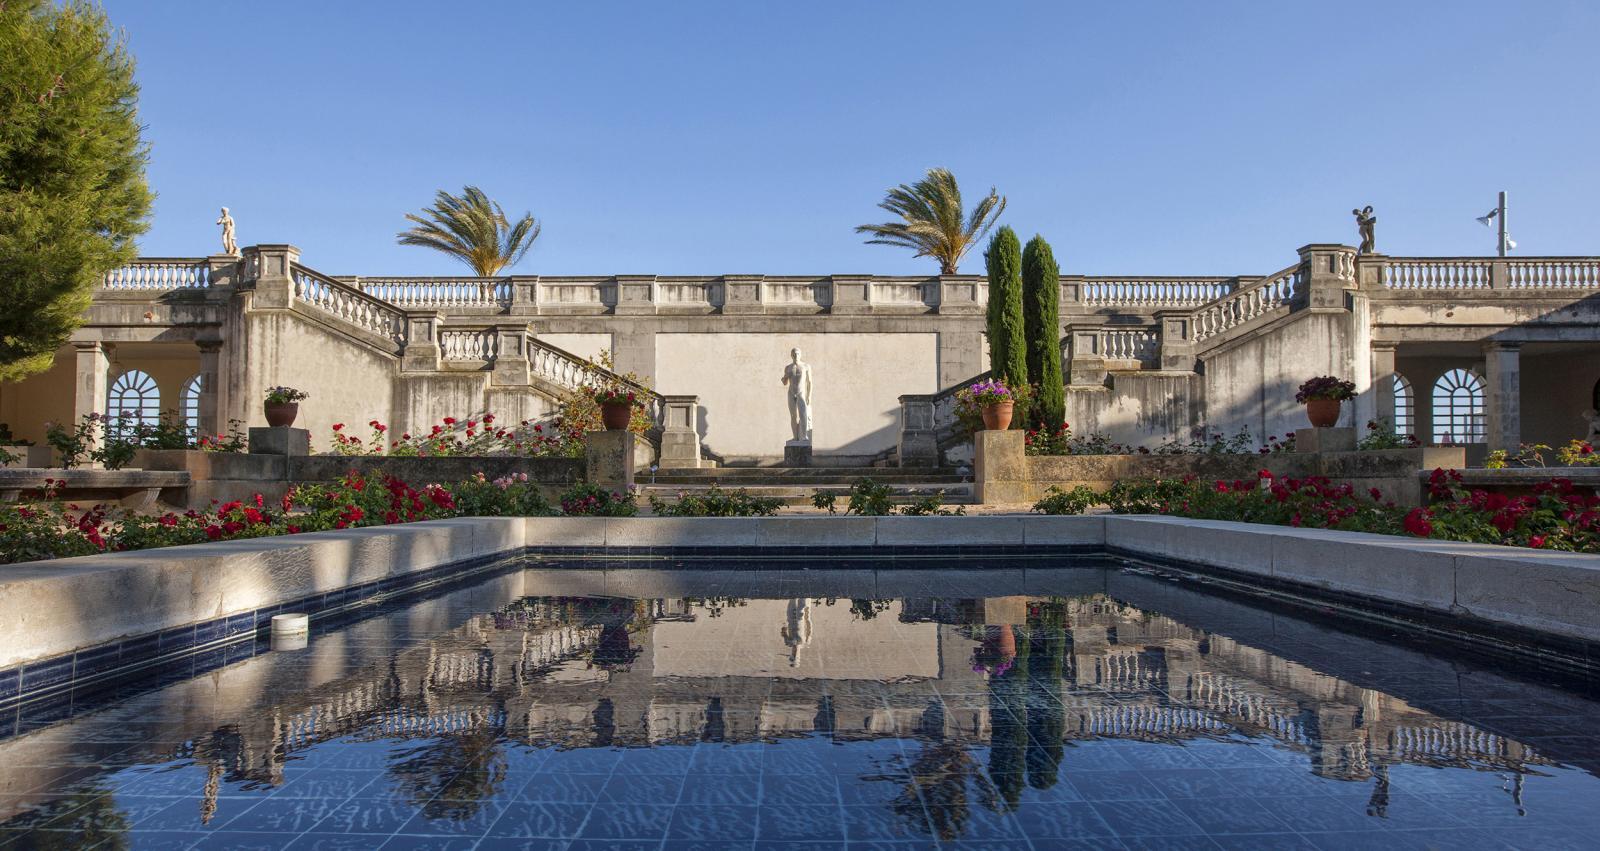 Bassin donnant sur le jardin intérieur de la villa Pau Cazals, à San Salvador.